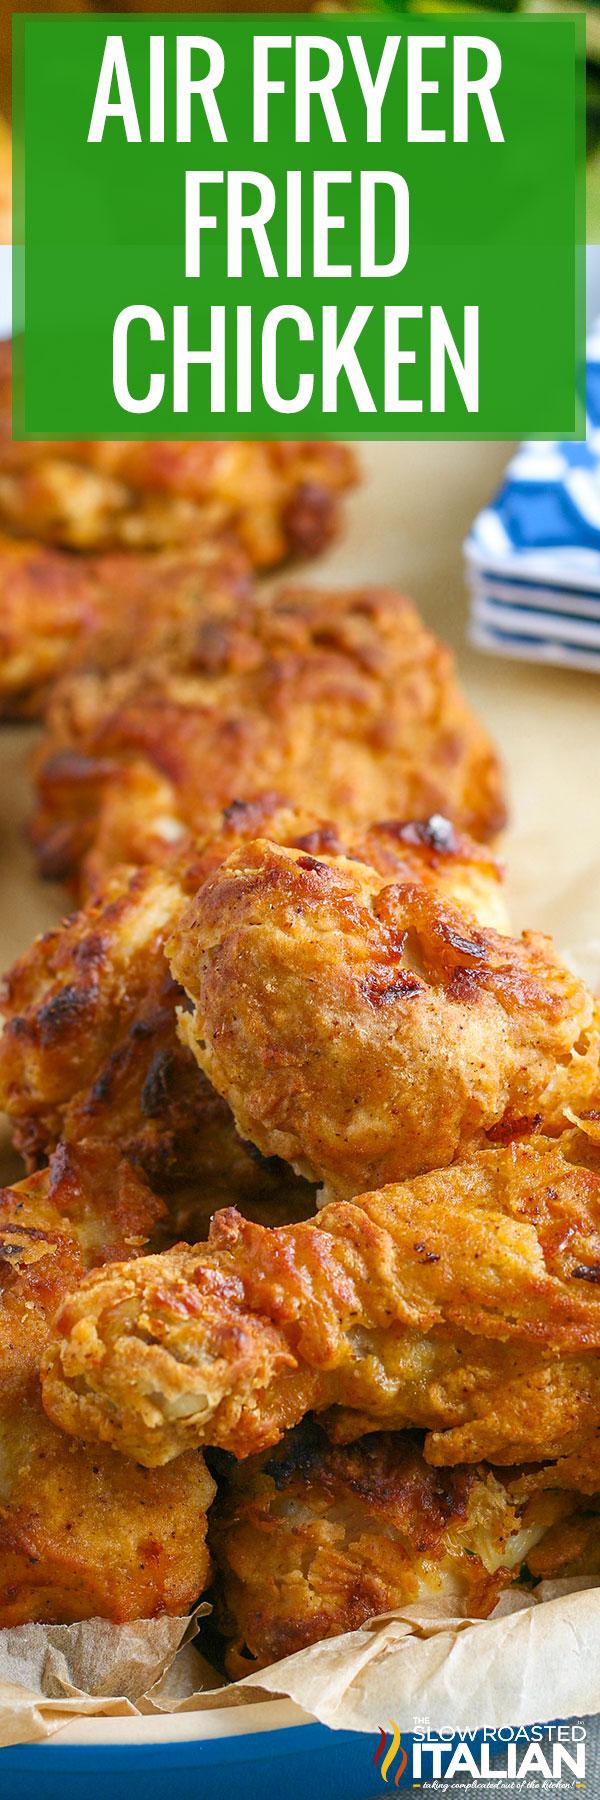 Air Fryer Fried Chicken basket